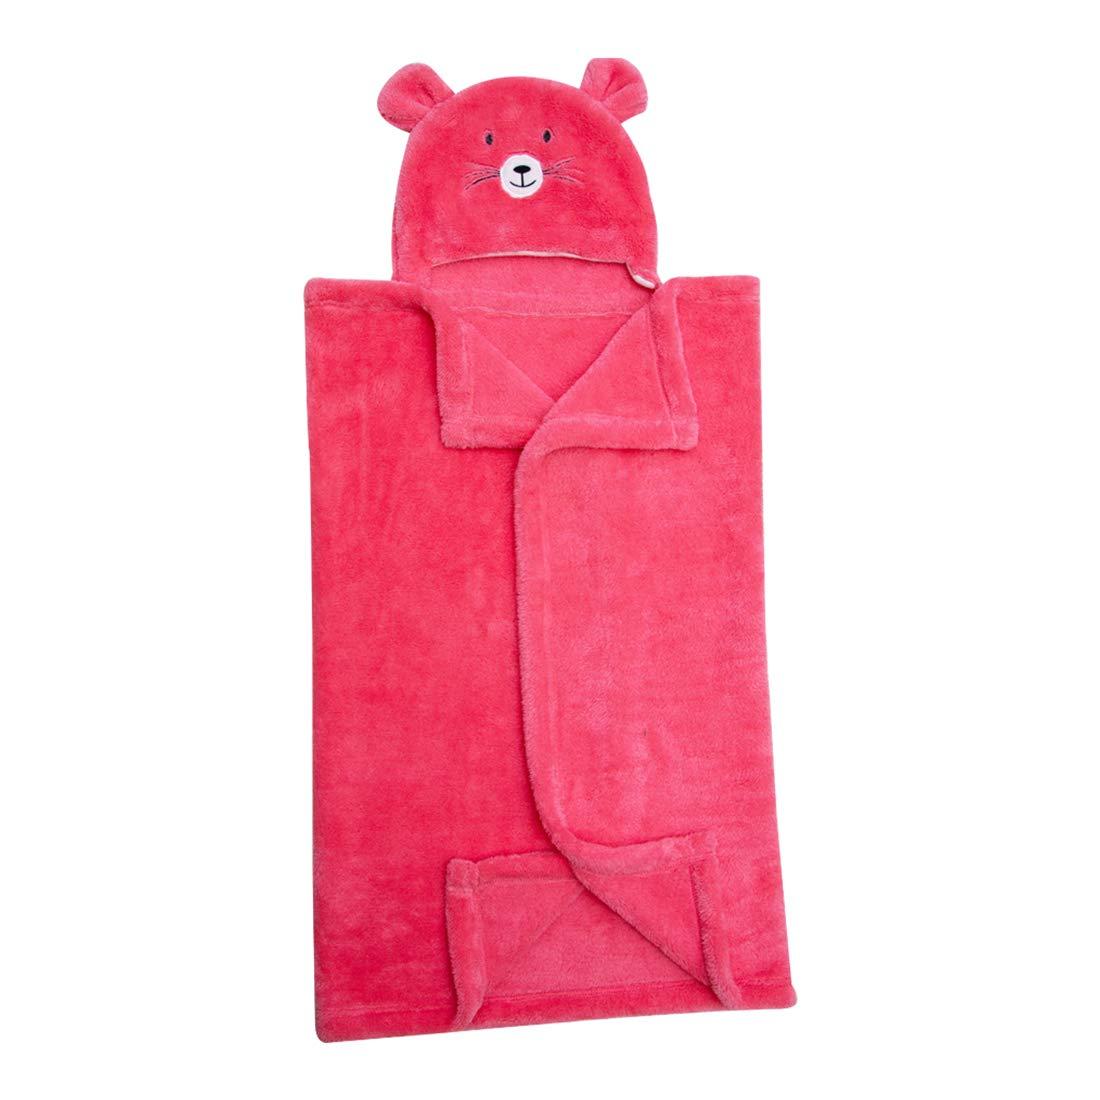 Mee Mee Multipurpose Soft Baby Blanket with Hood